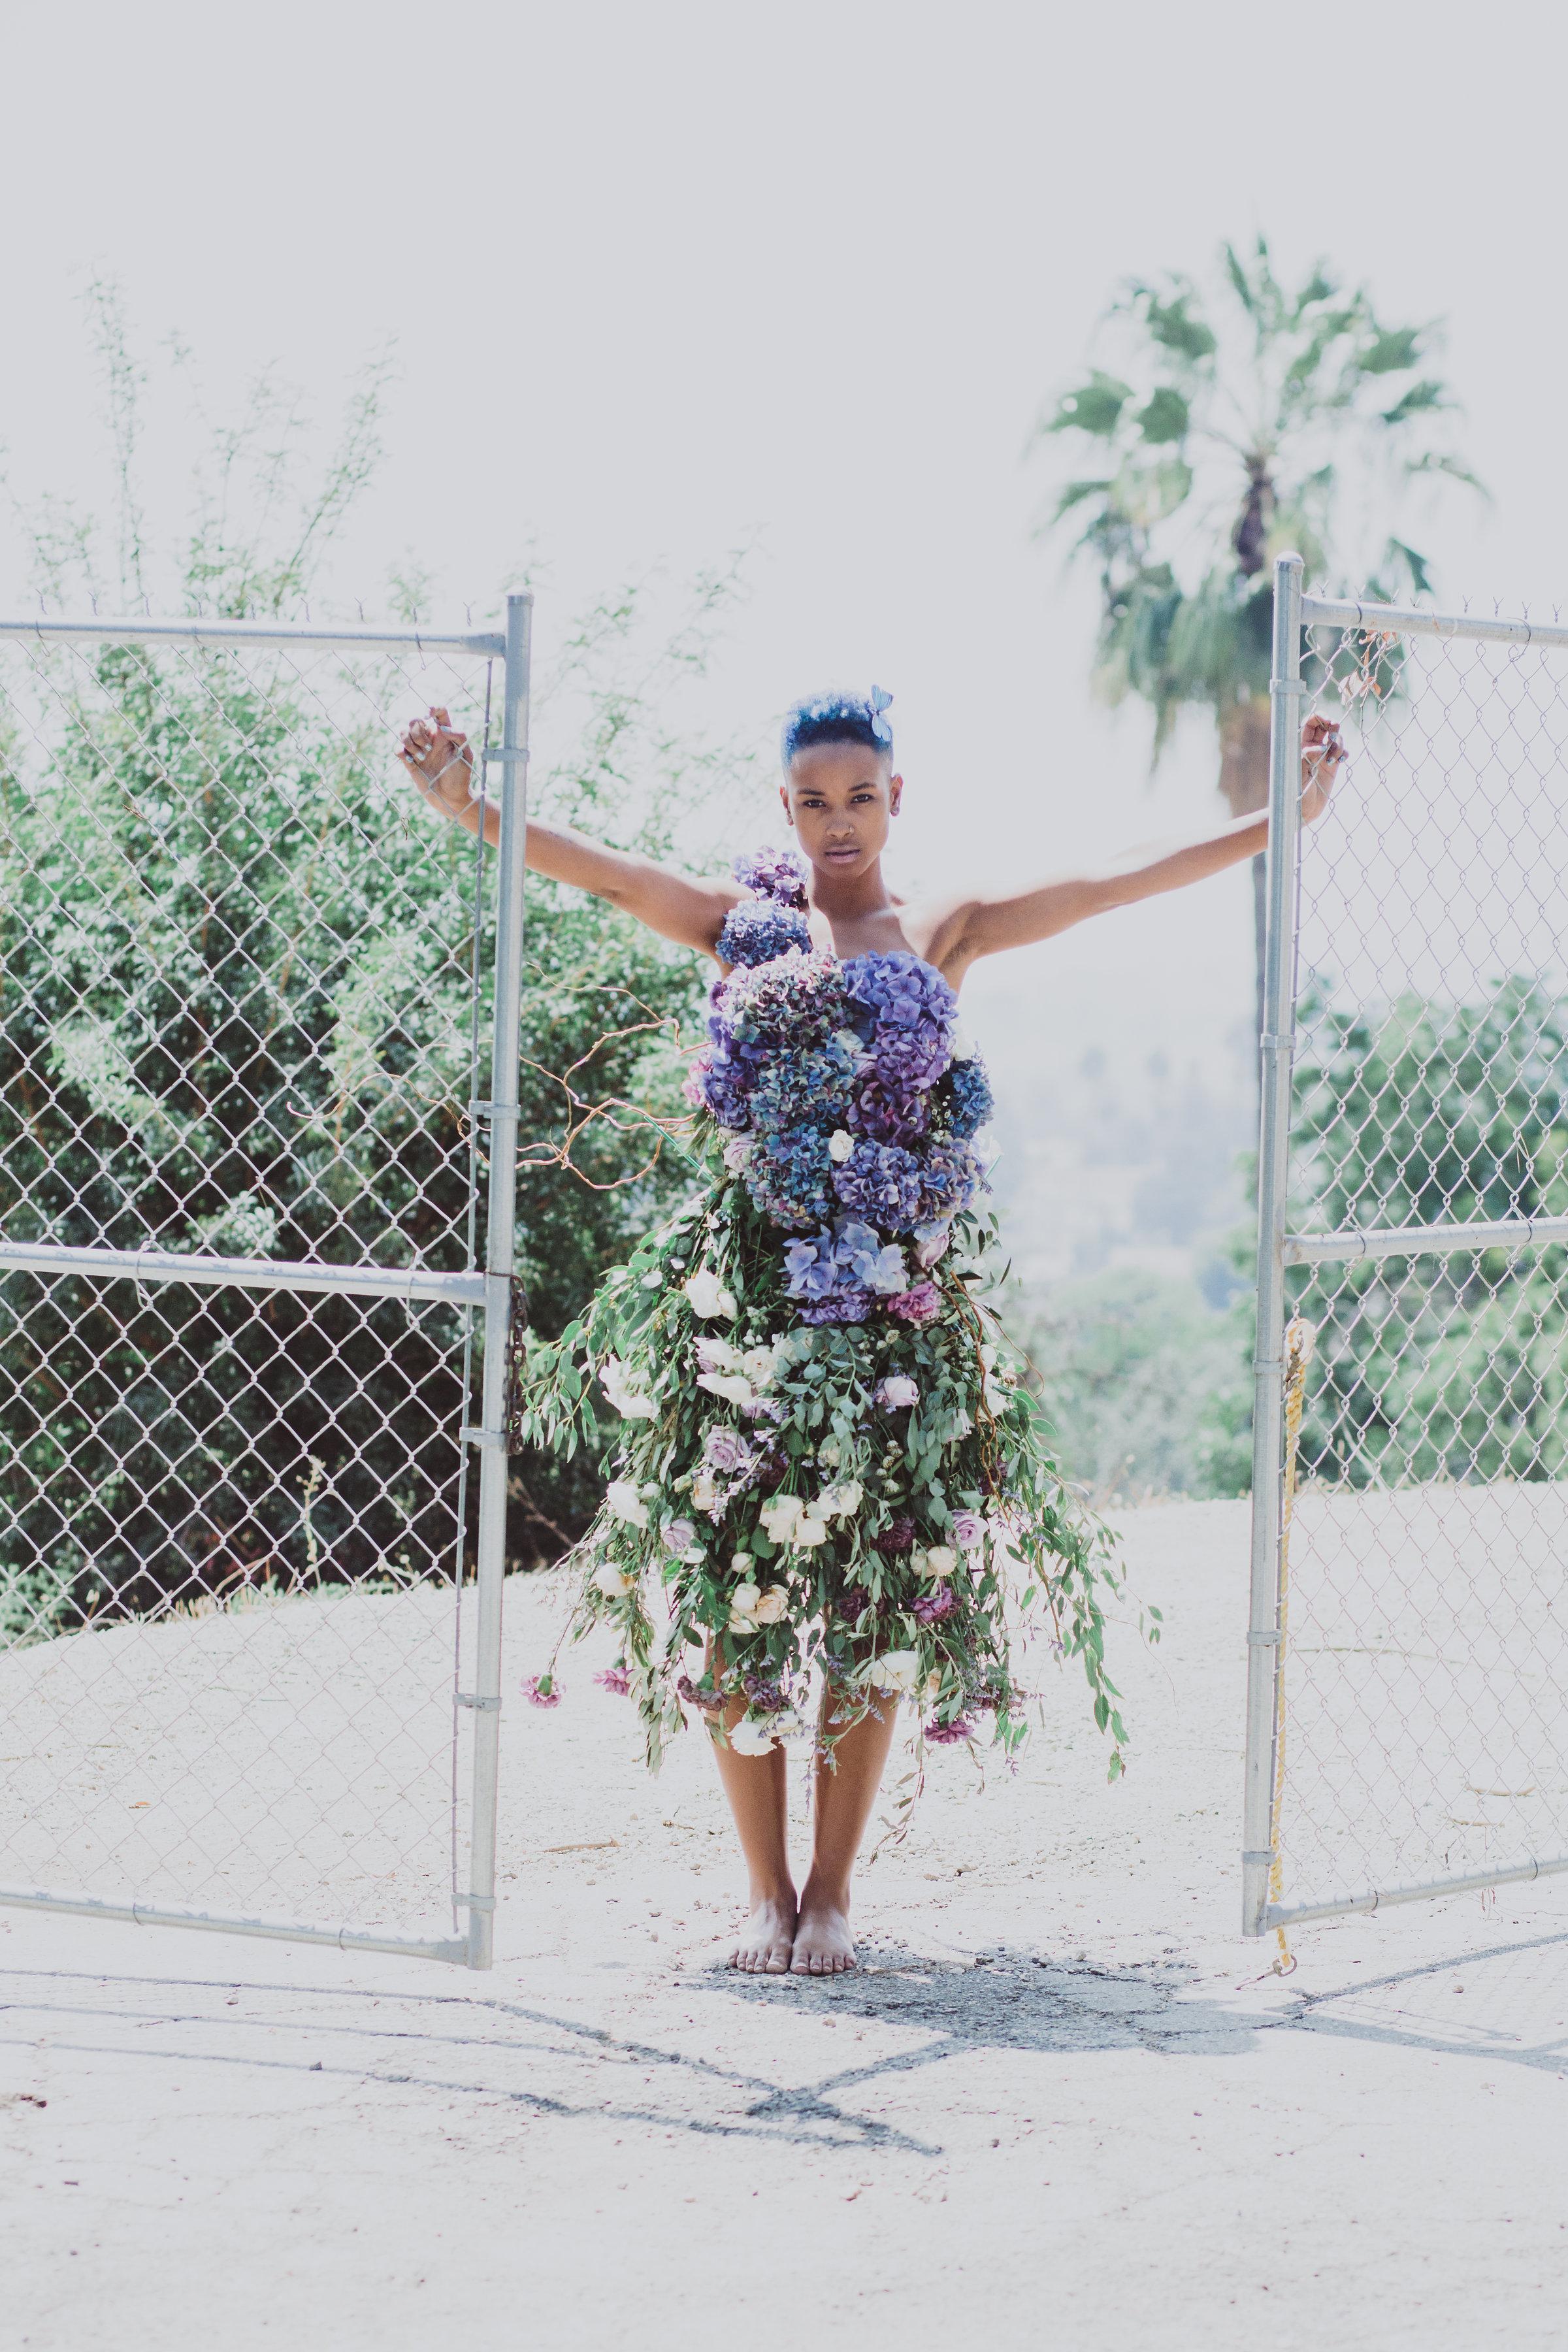 fairytale fresh floral dress floral art #lrqcfloral #floraldress